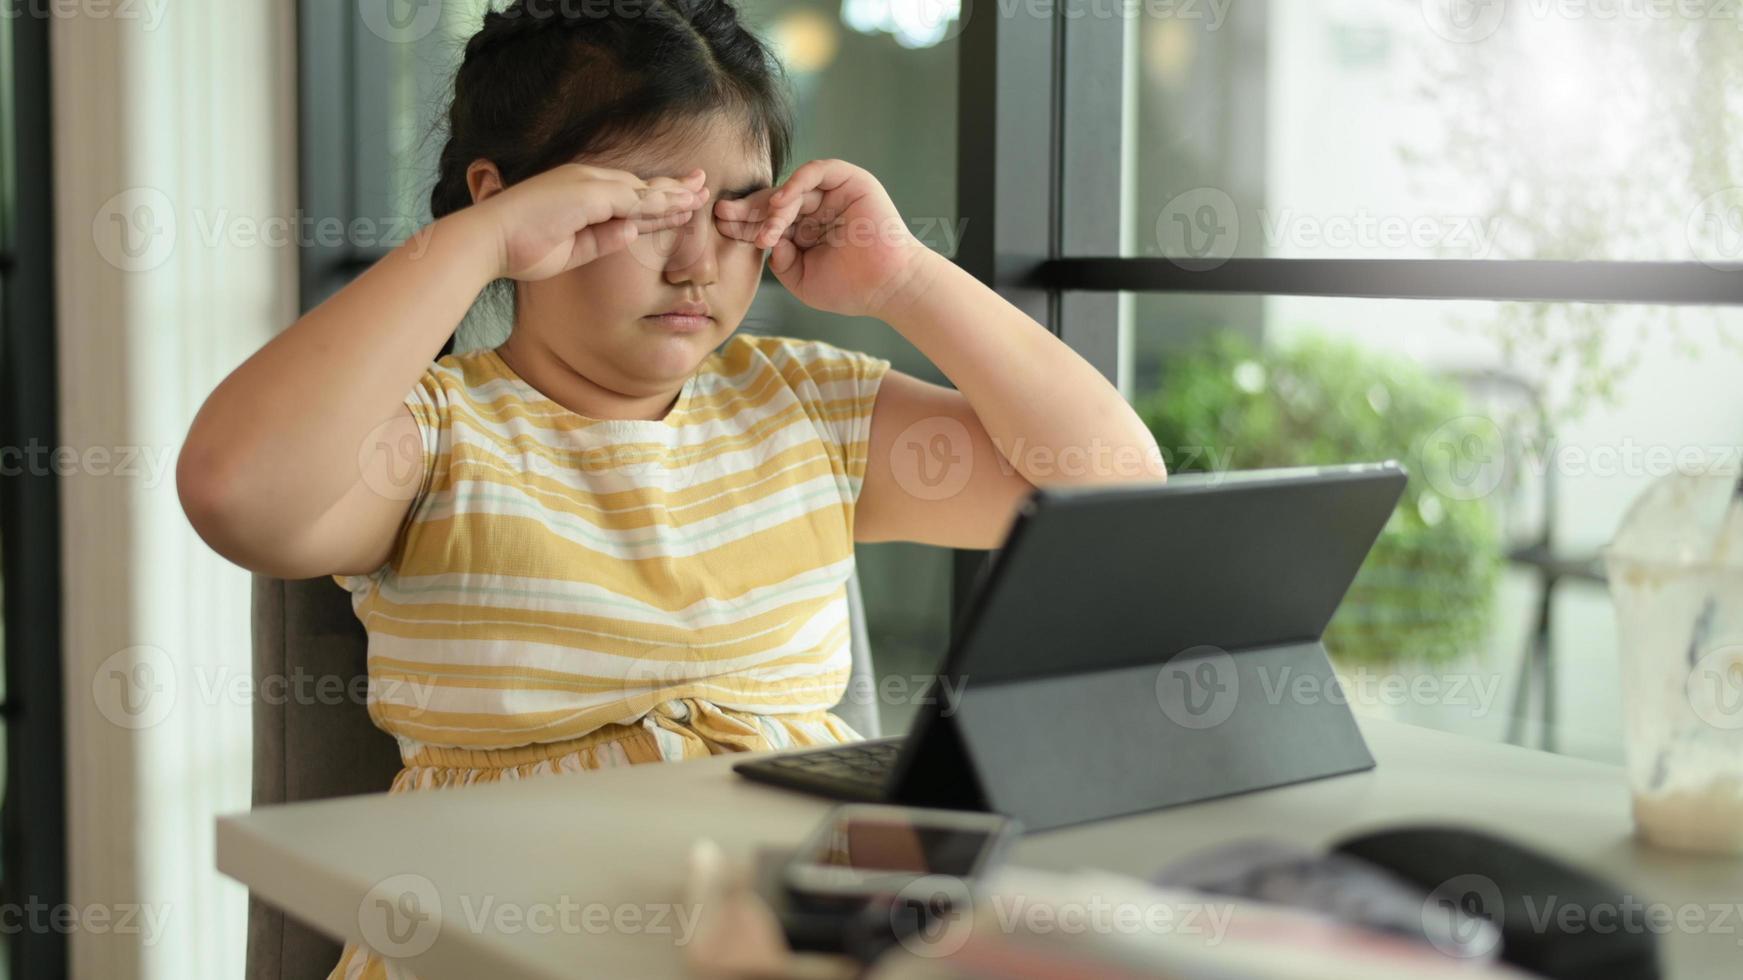 aziatisch kindmeisje sluit haar ogen om te rusten van het gebruik van een tablet. foto